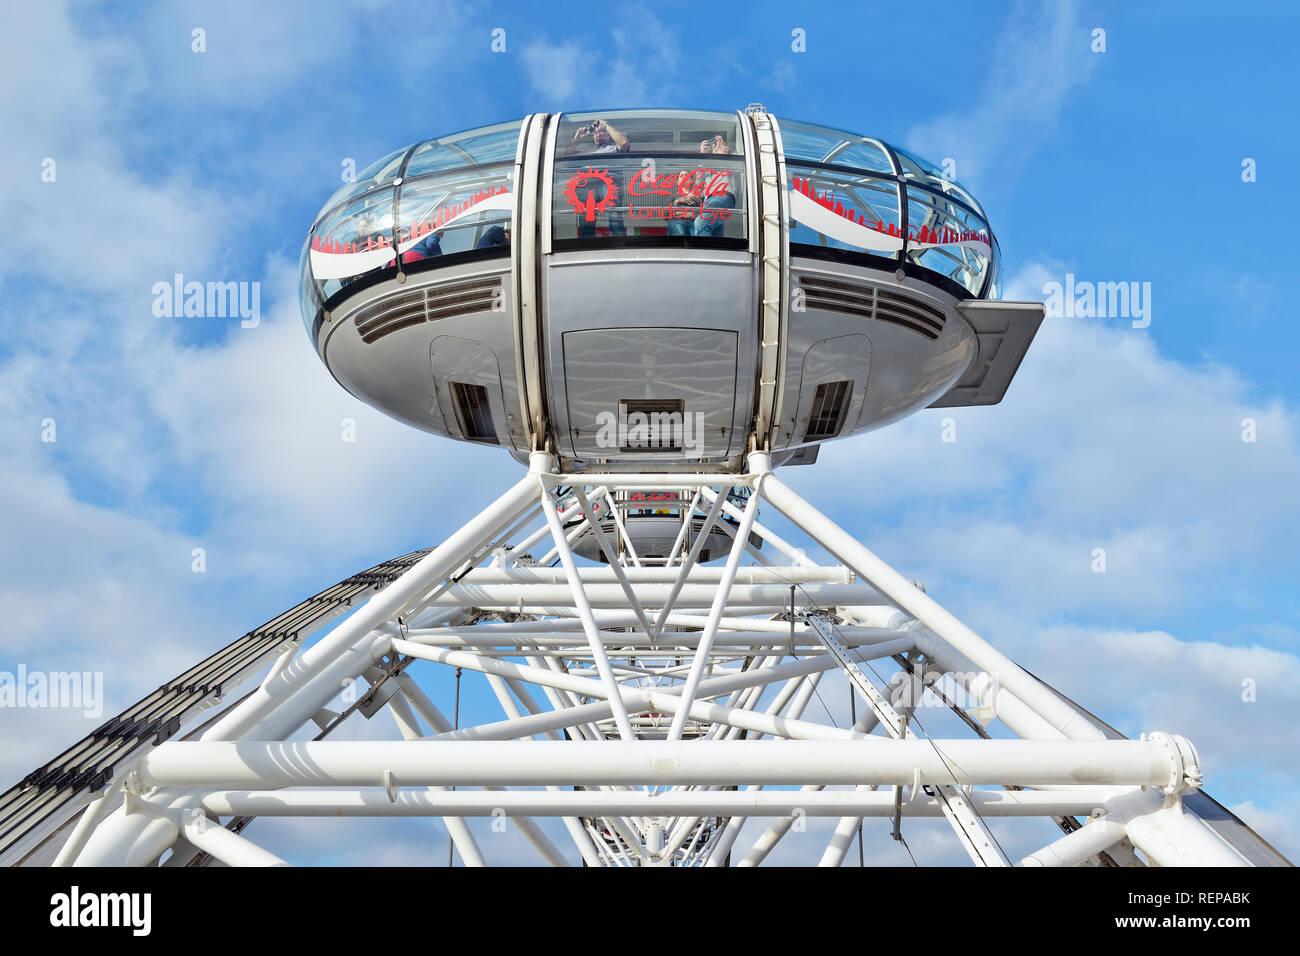 Capsule on the London Eye, London, England, United Kingdom - Stock Image